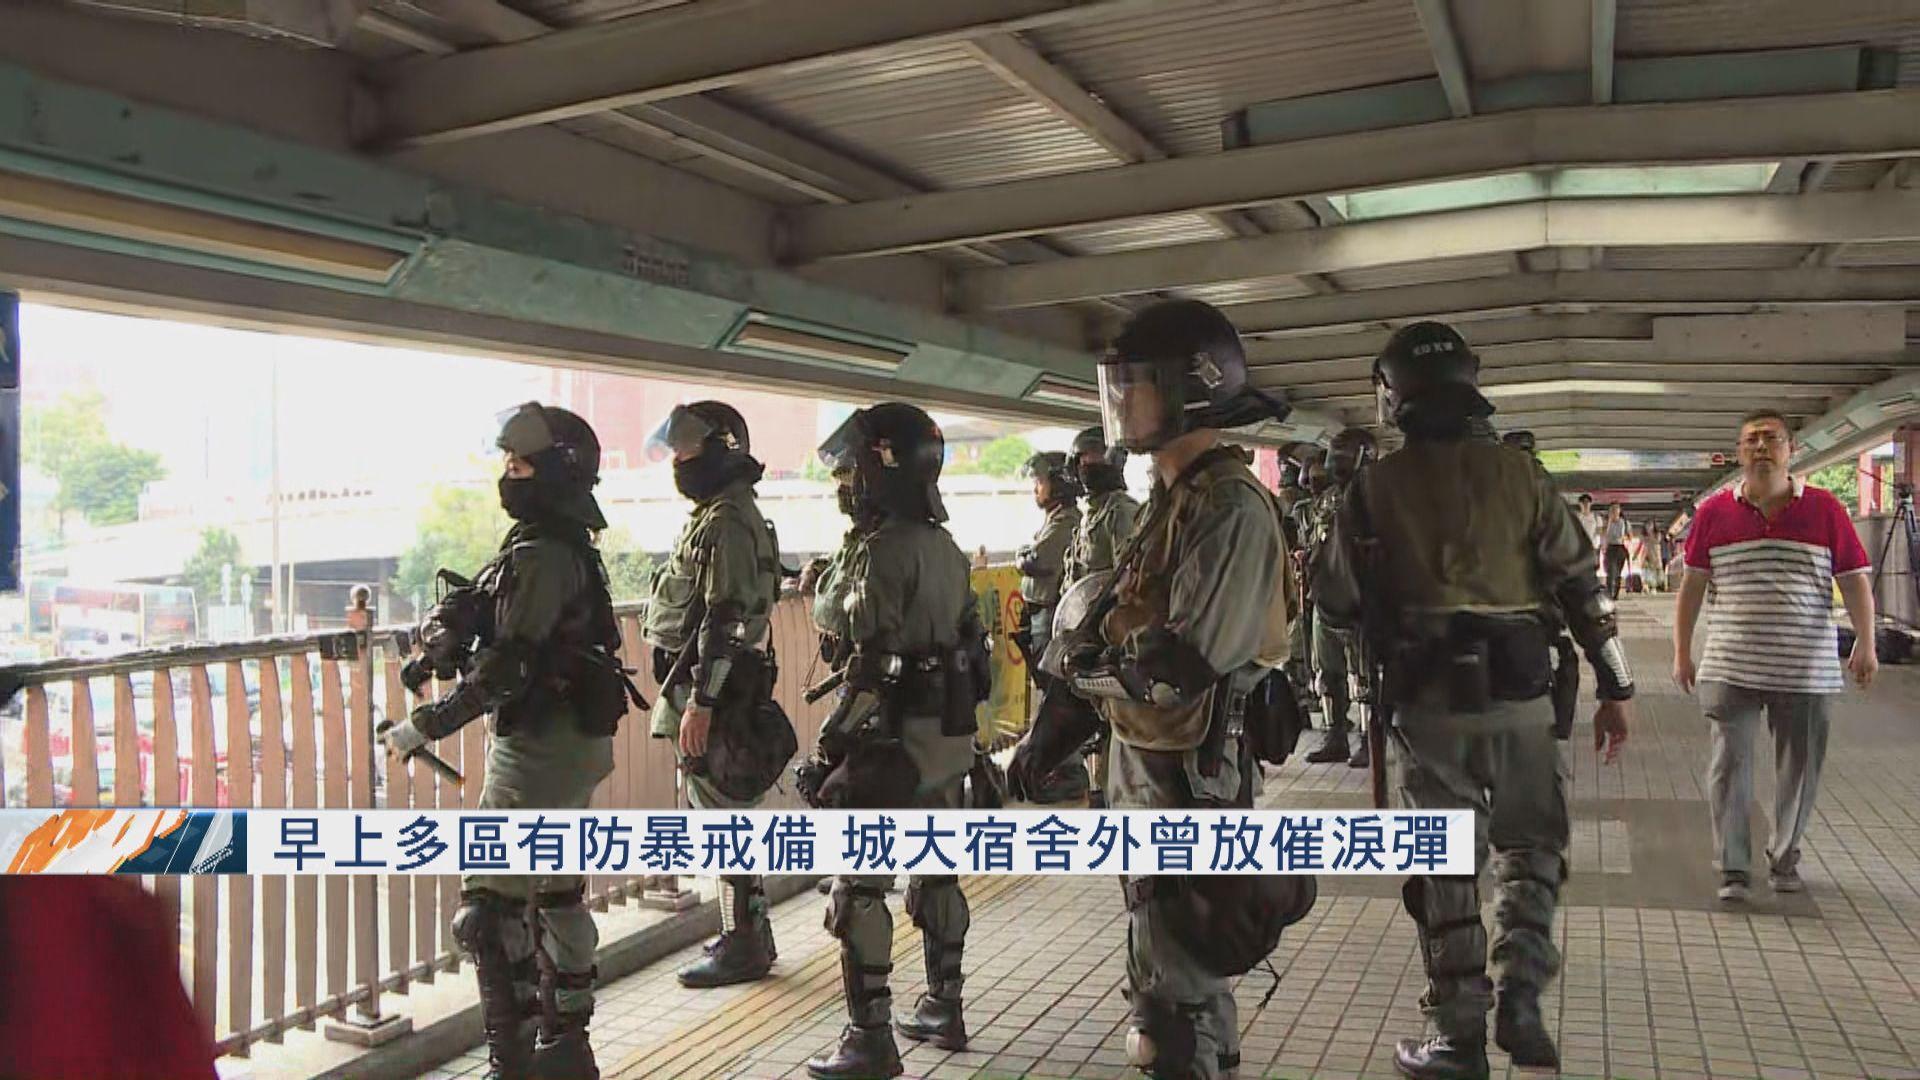 網民再號召三罷 有警員向城大範圍放催淚彈